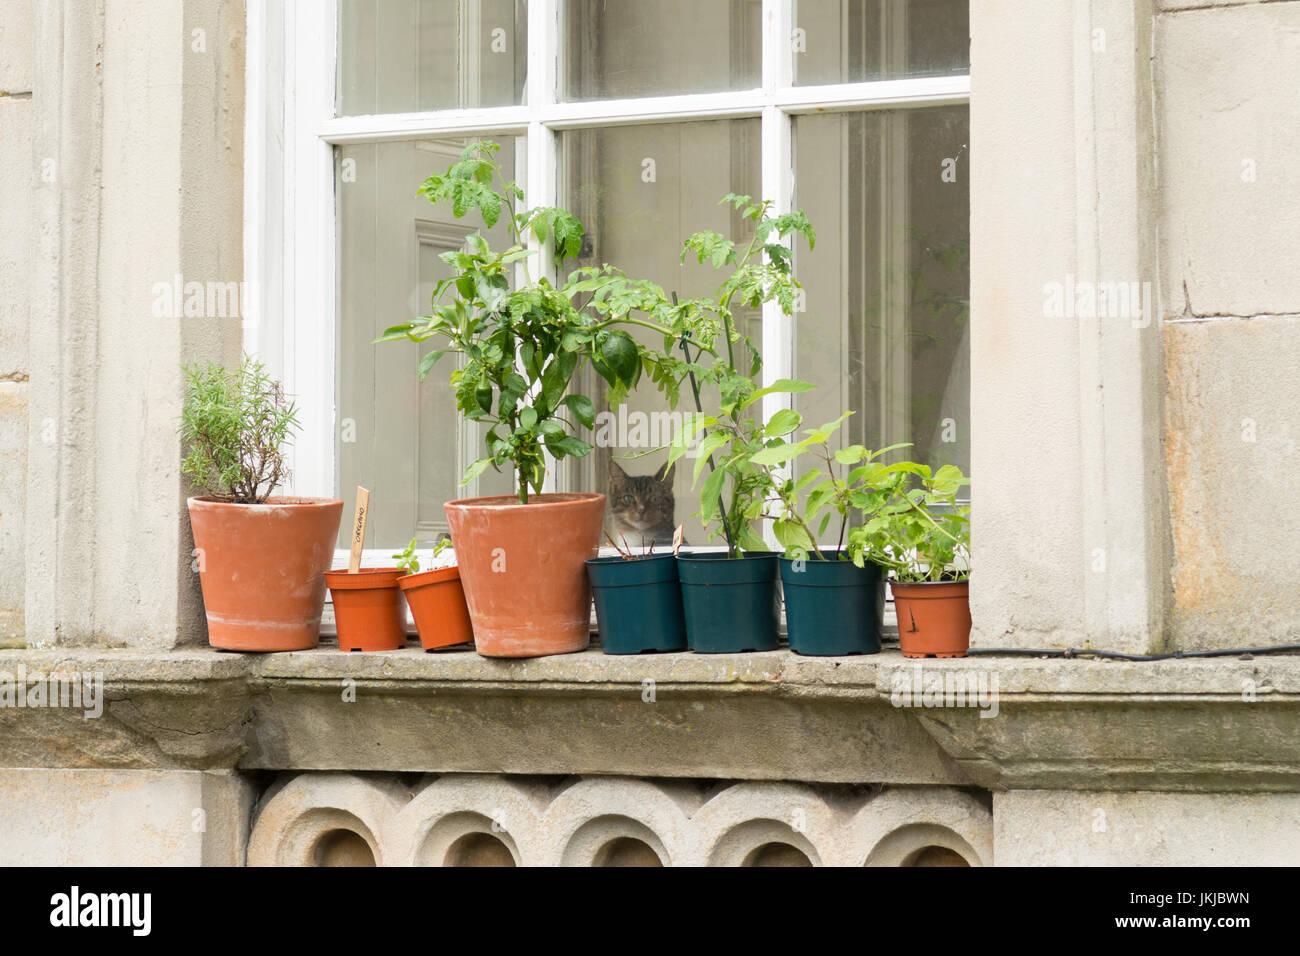 window herb garden with cat looking through window - uk - Stock Image